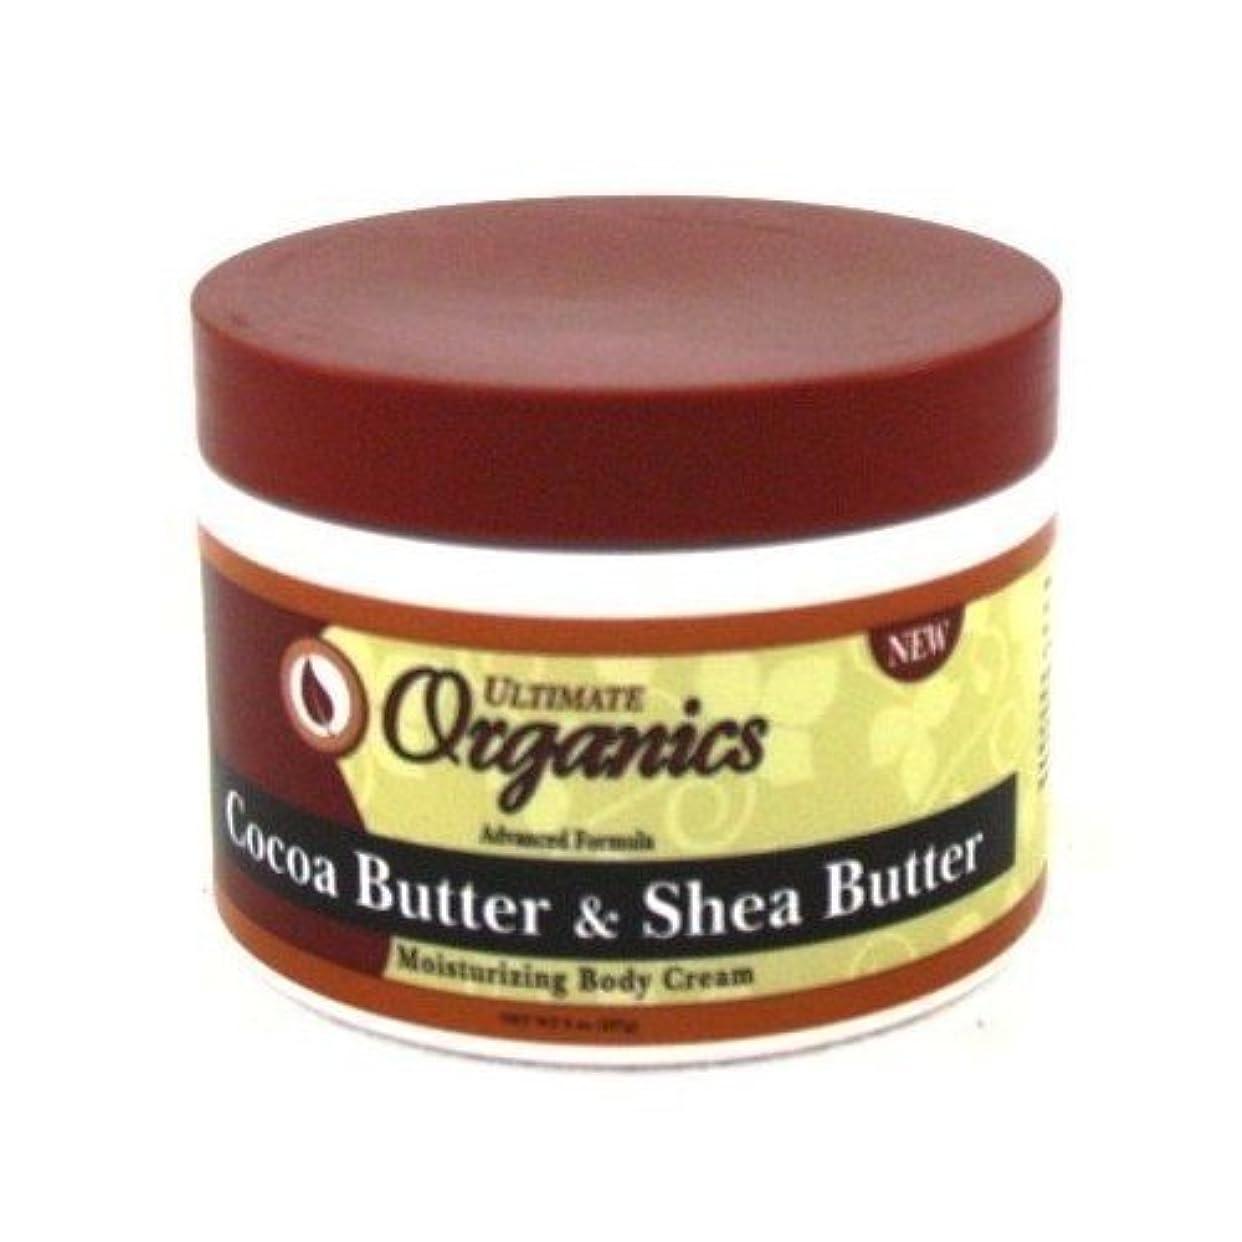 テロリスト弁護人特異性Ultimate Organics Cocoa Butter & Shea Butter Body Cream 235 ml (並行輸入品)